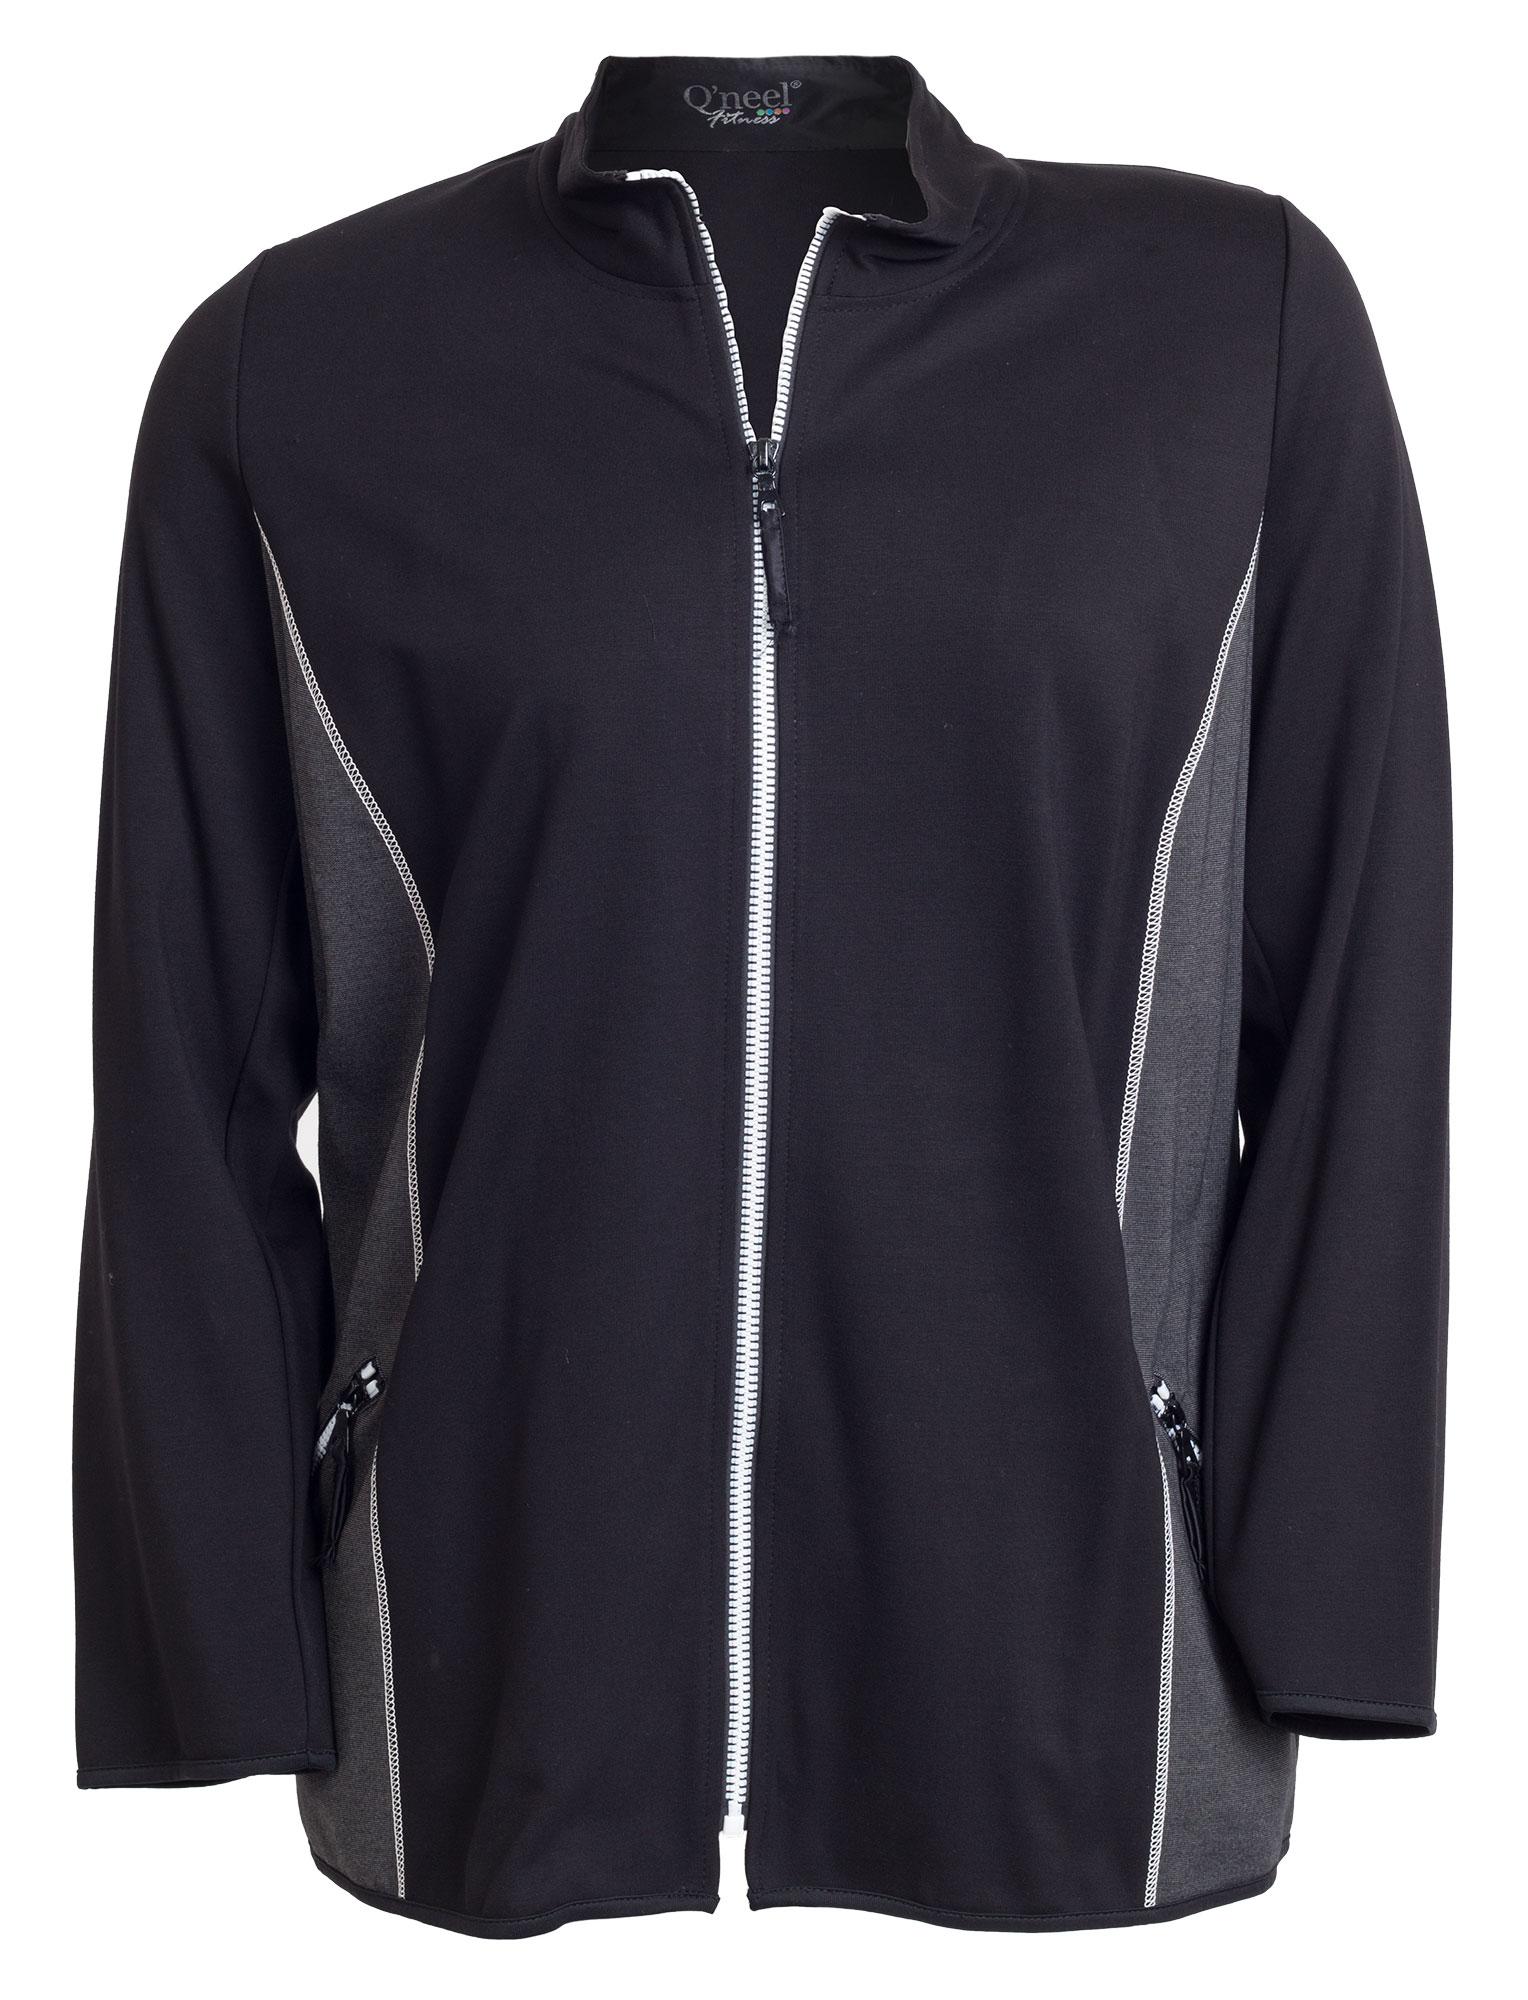 Fitness jakke i sort og grå